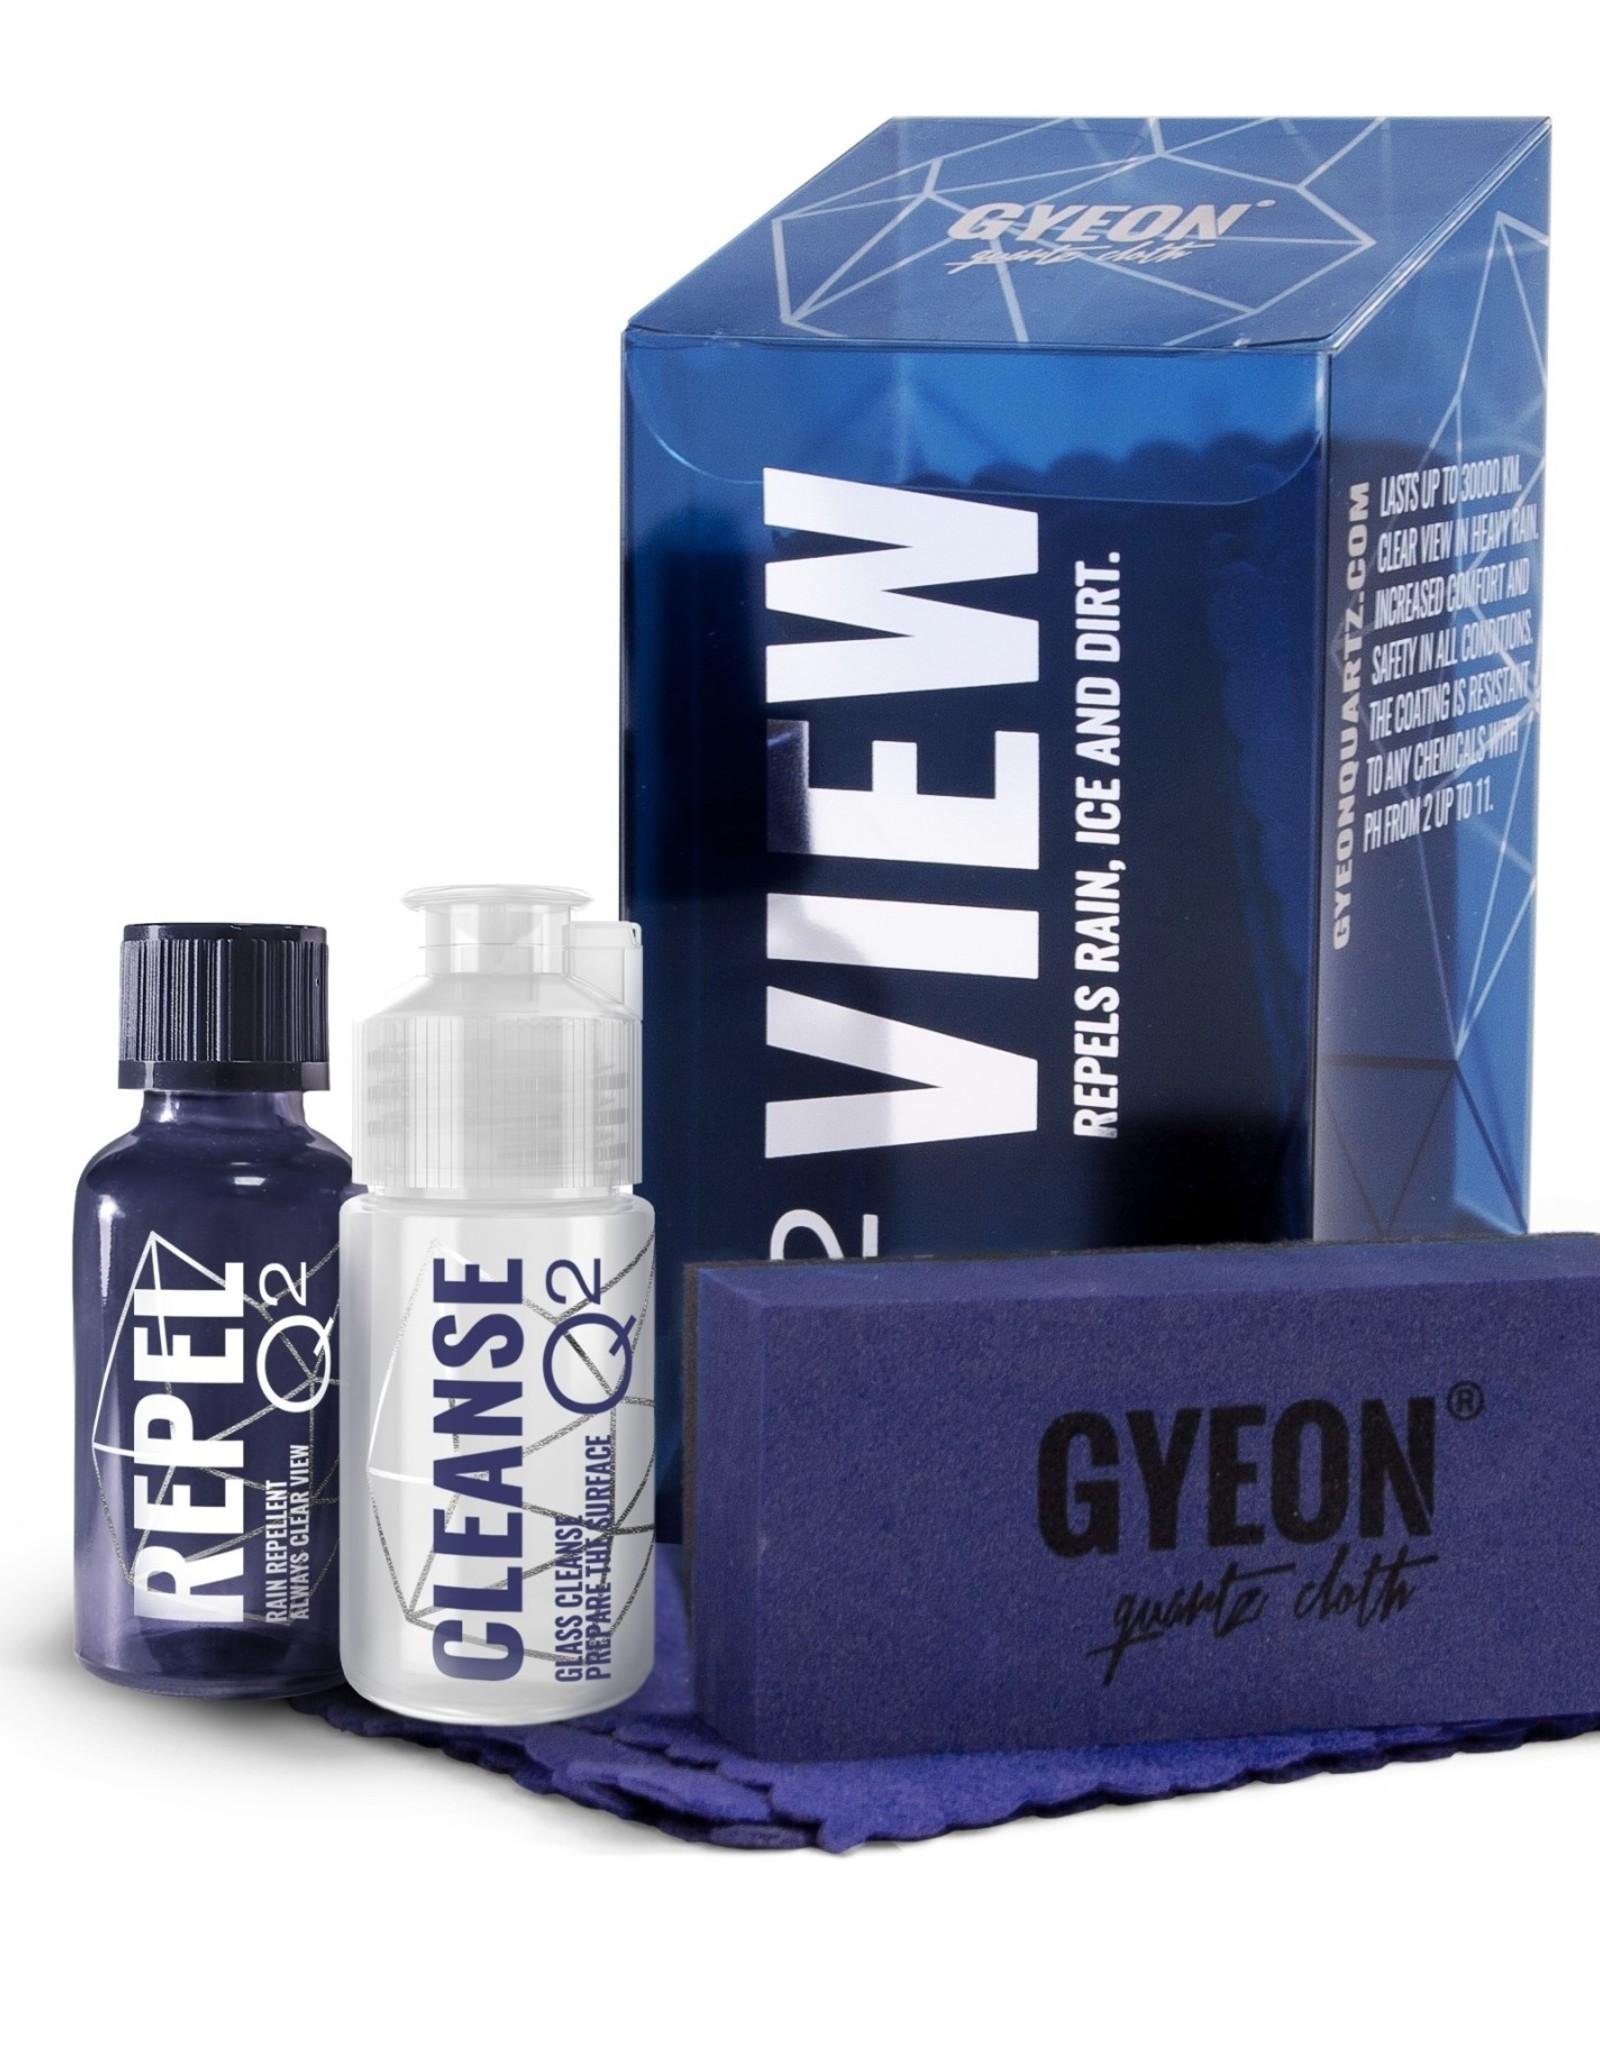 Gyeon Q² View 20ml